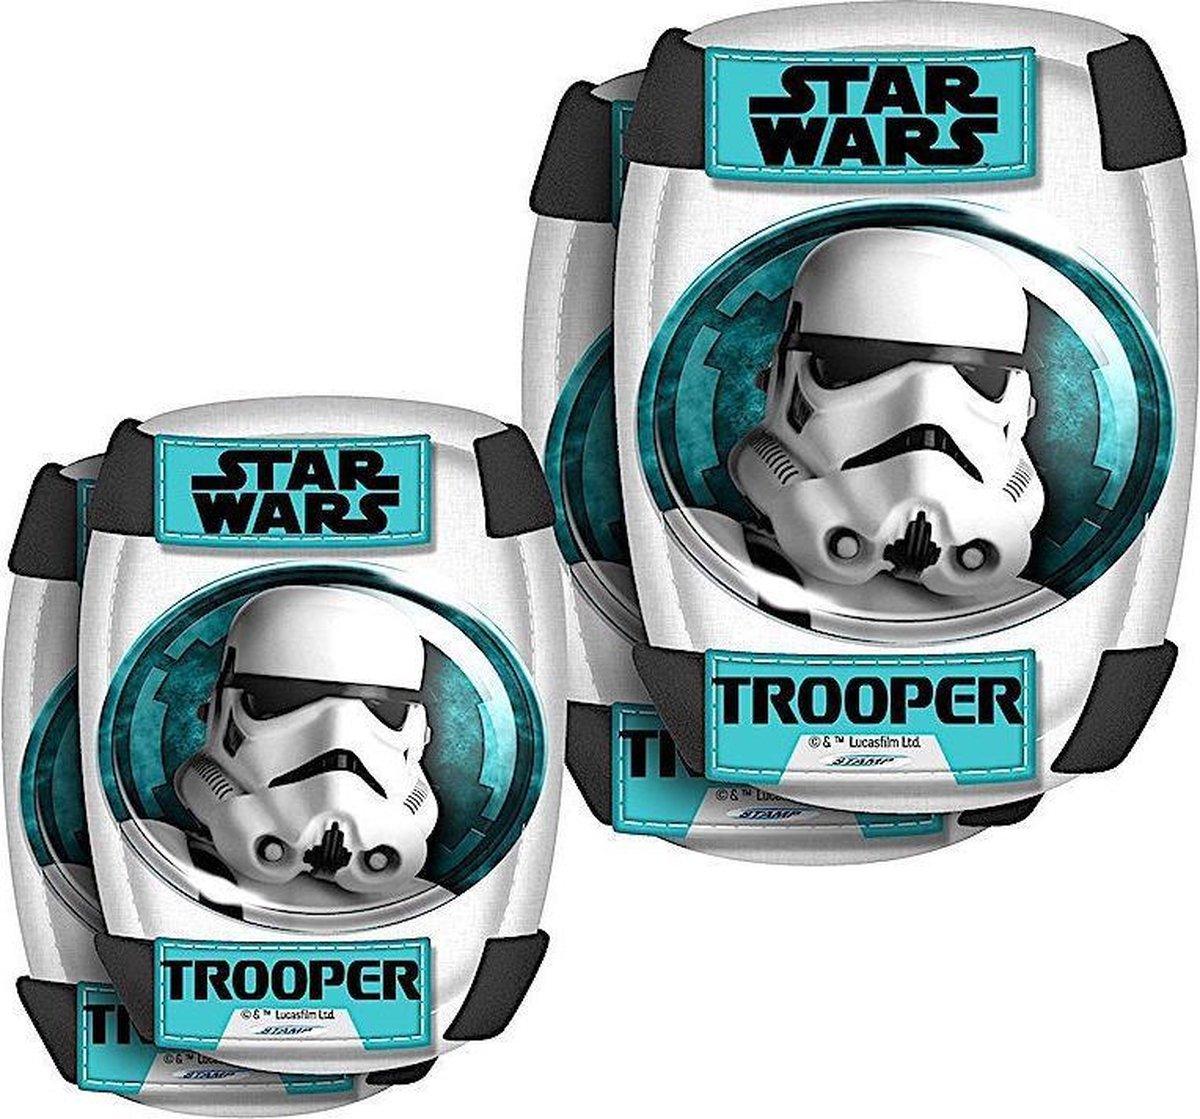 Disney Beschermset Star Wars Wit/turquoise Maat S